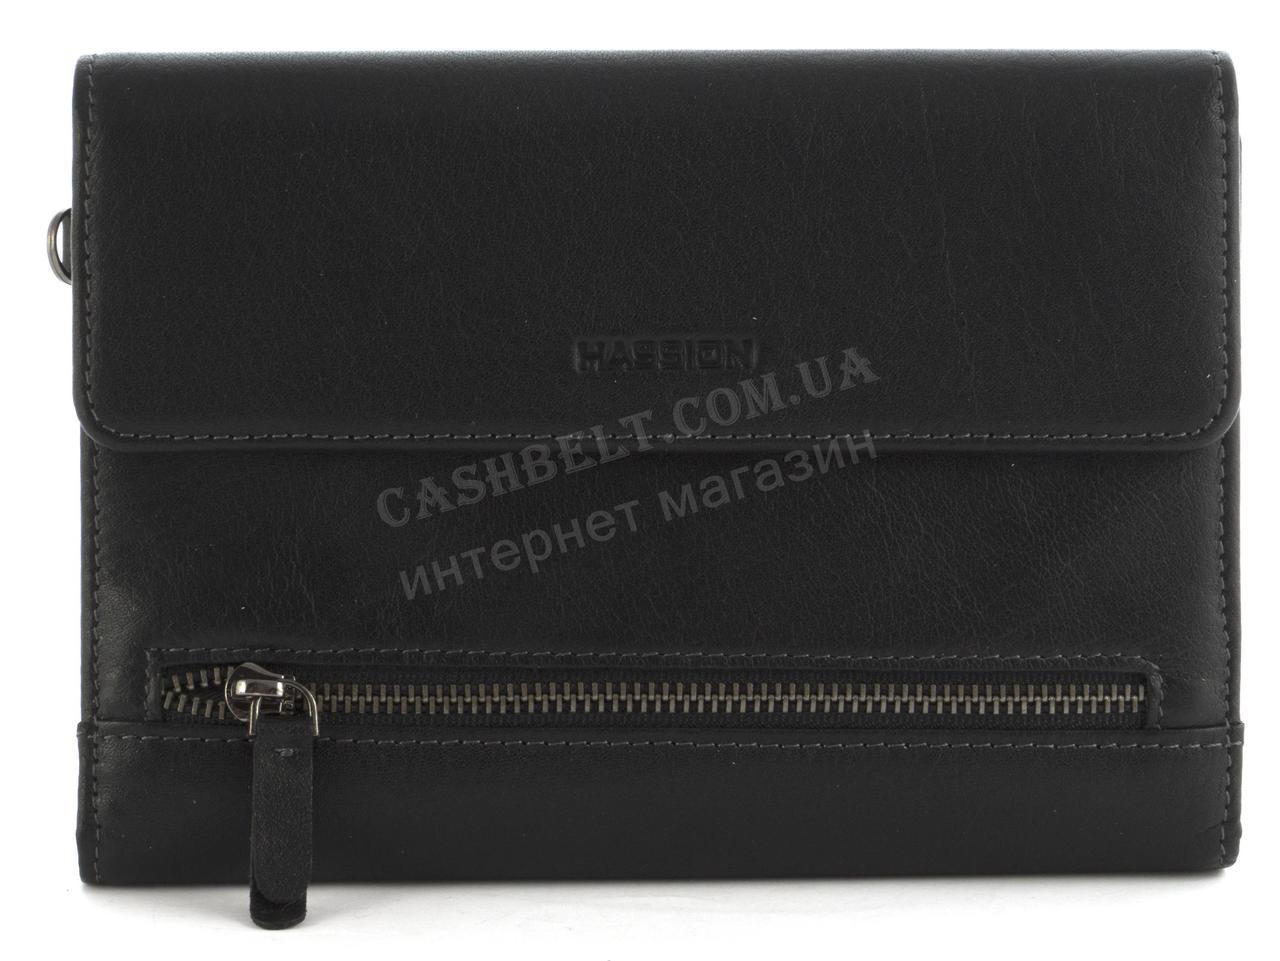 Мужская стильная прочная барсетка бумажник с натуральной высококачественной кожи HASSION art. H-092B черный